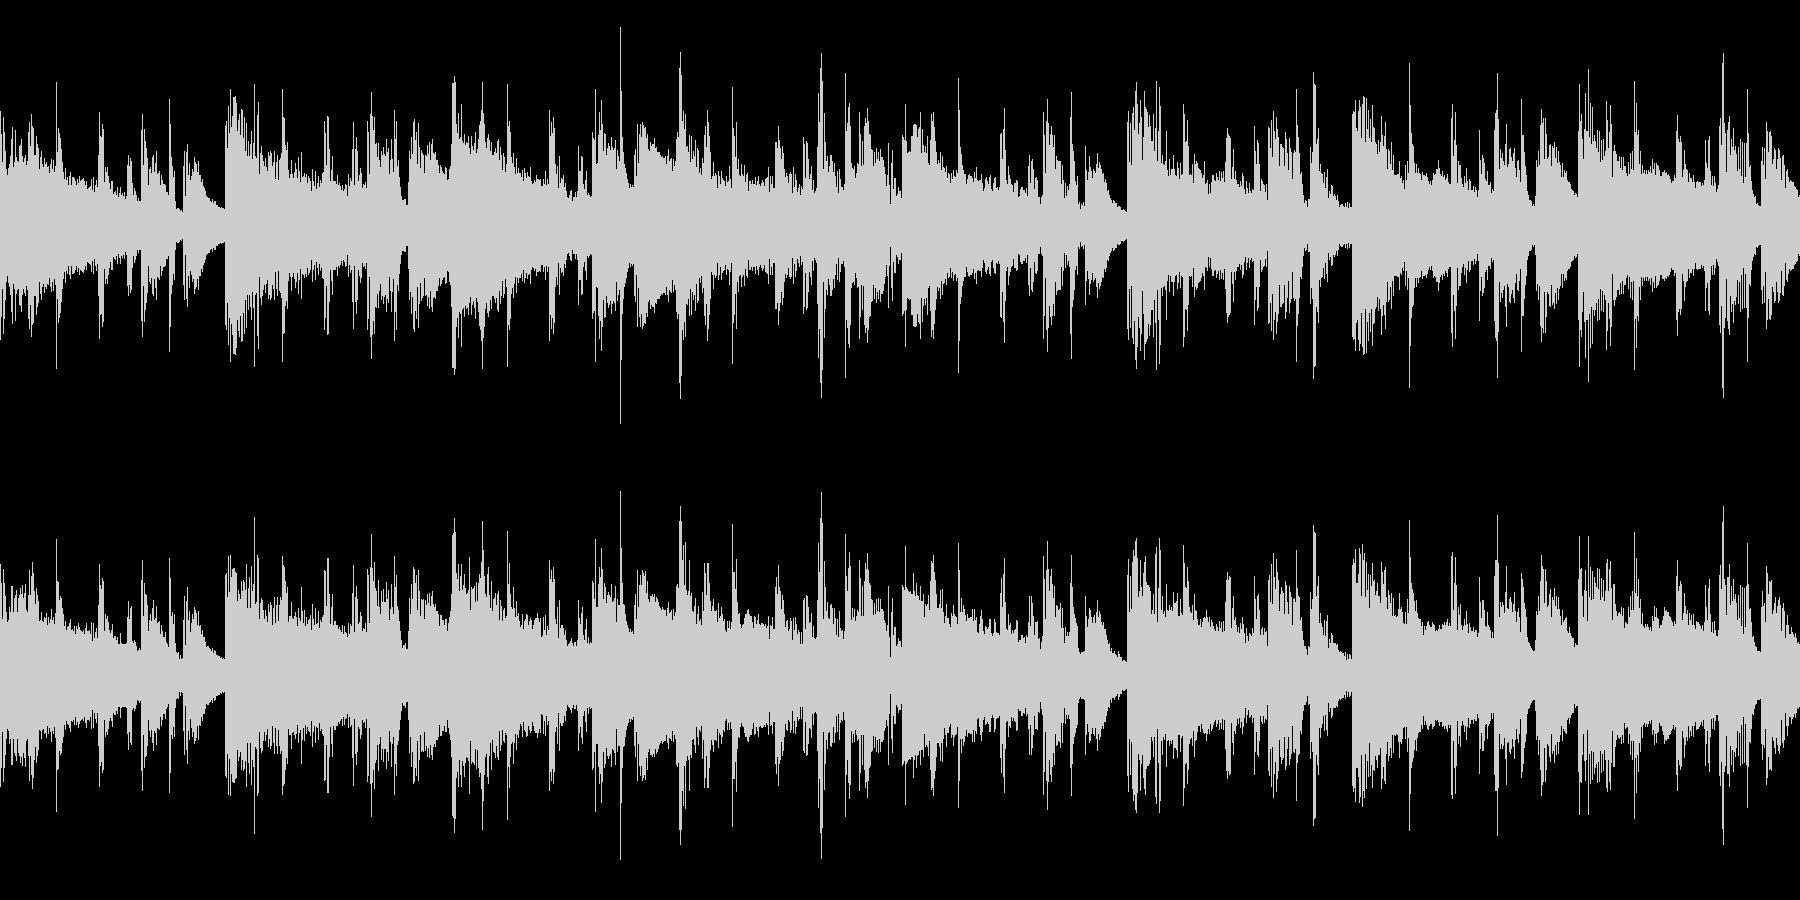 【ループ】メロウなローファイヒップホップの未再生の波形